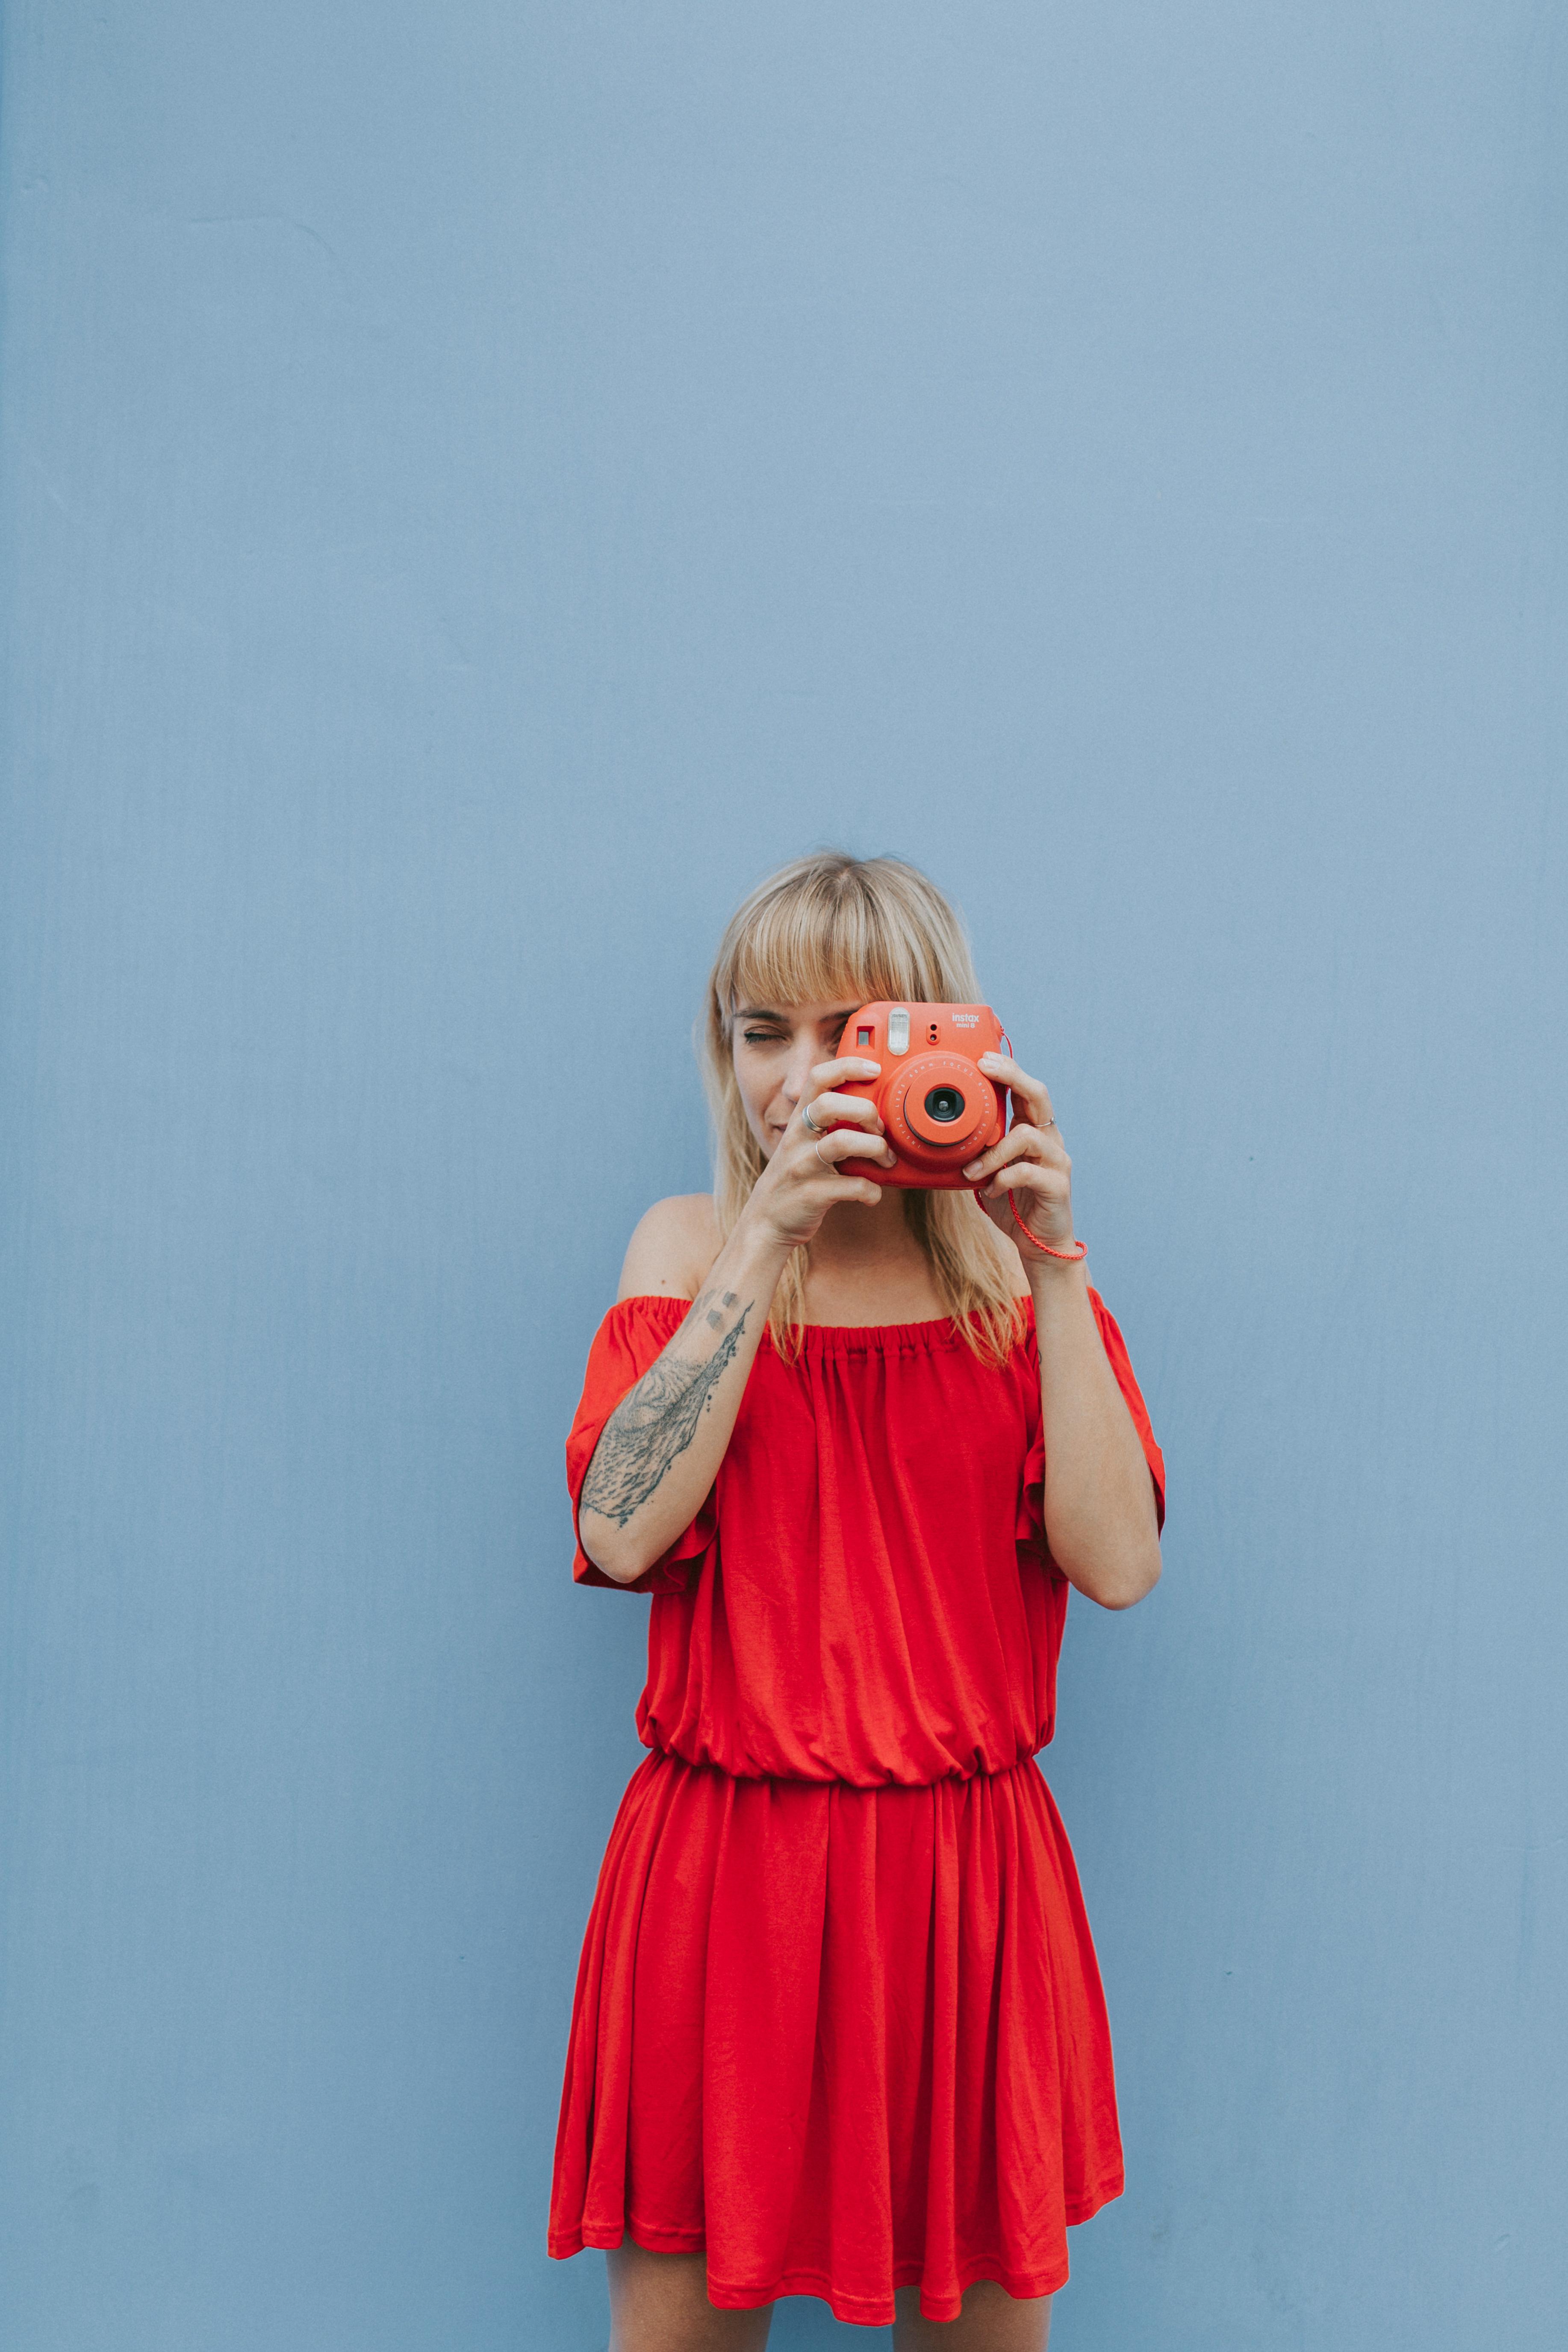 Robe rouge à épaules dénudées I Sp4nkblog par lyloutte 2